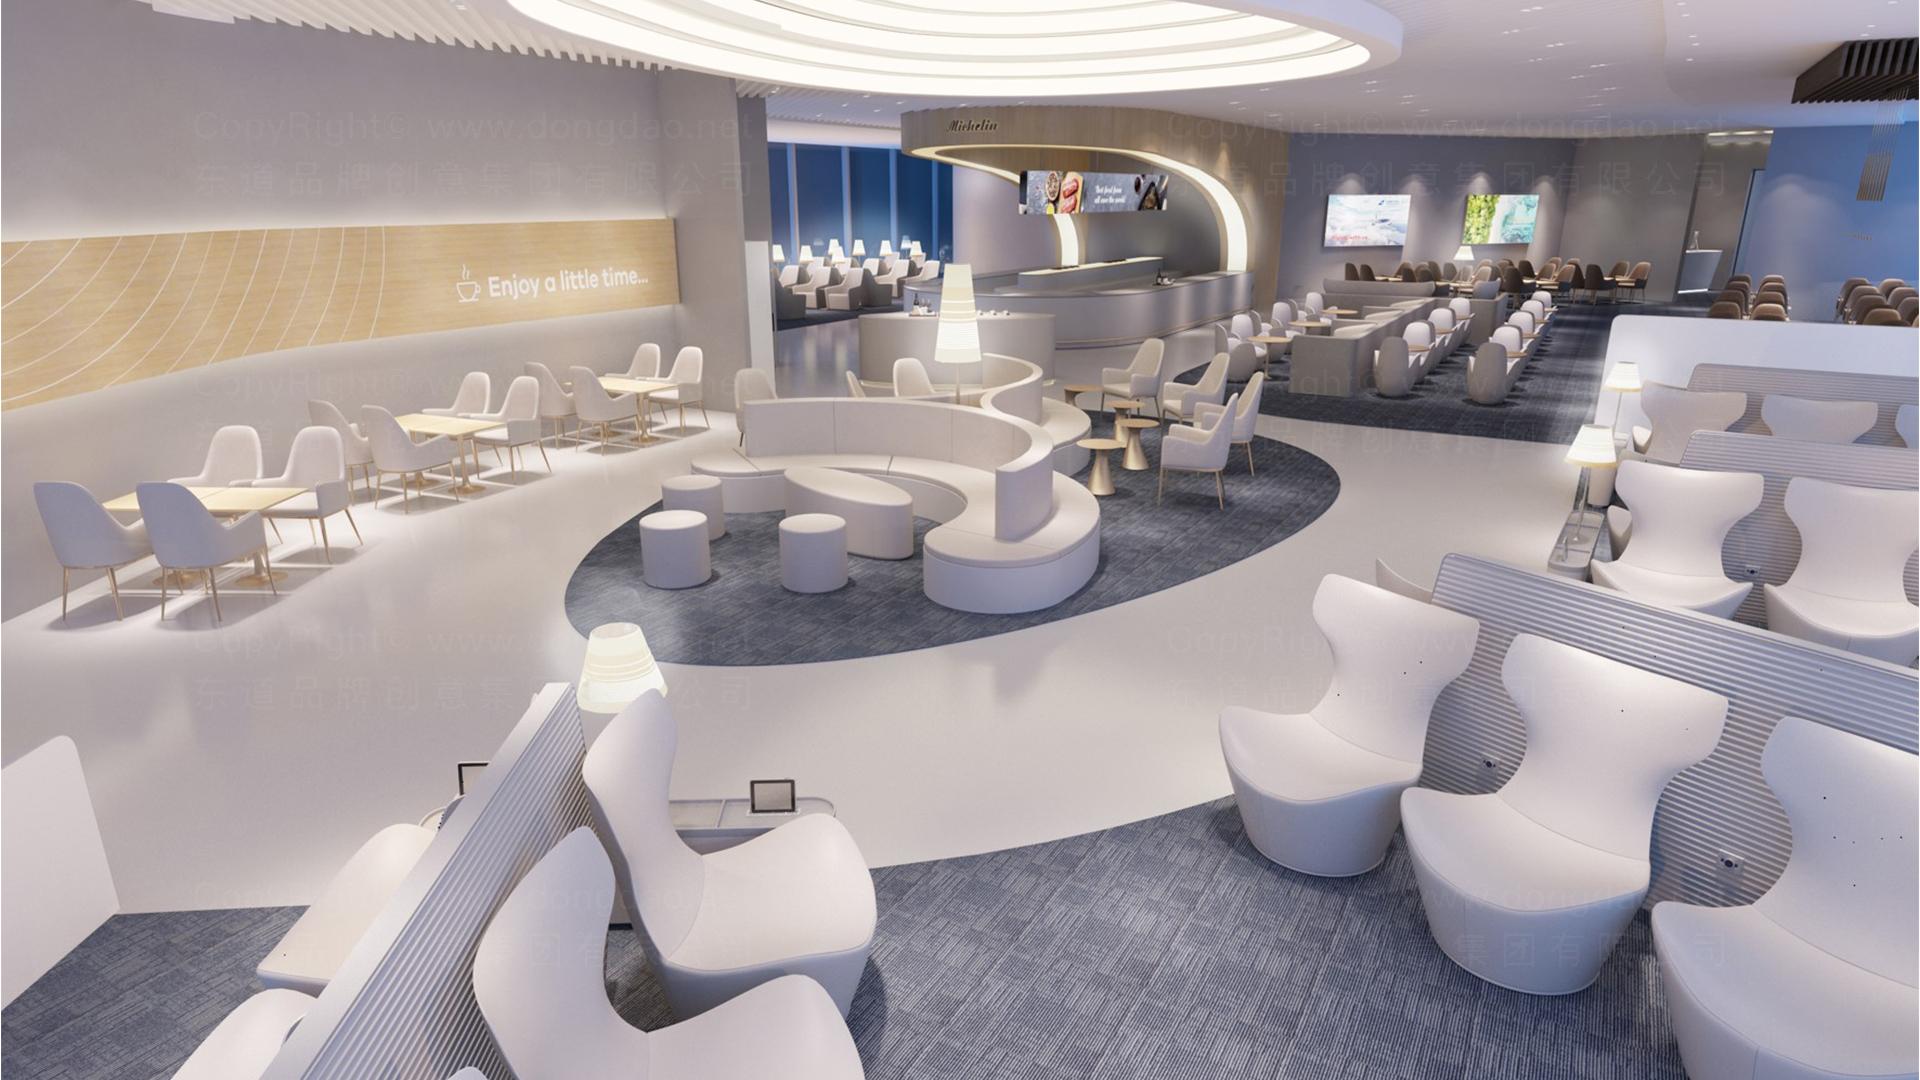 商业空间&导示南方航空南航上海浦东机场 S2 卫星听高端旅客休息室 SI应用